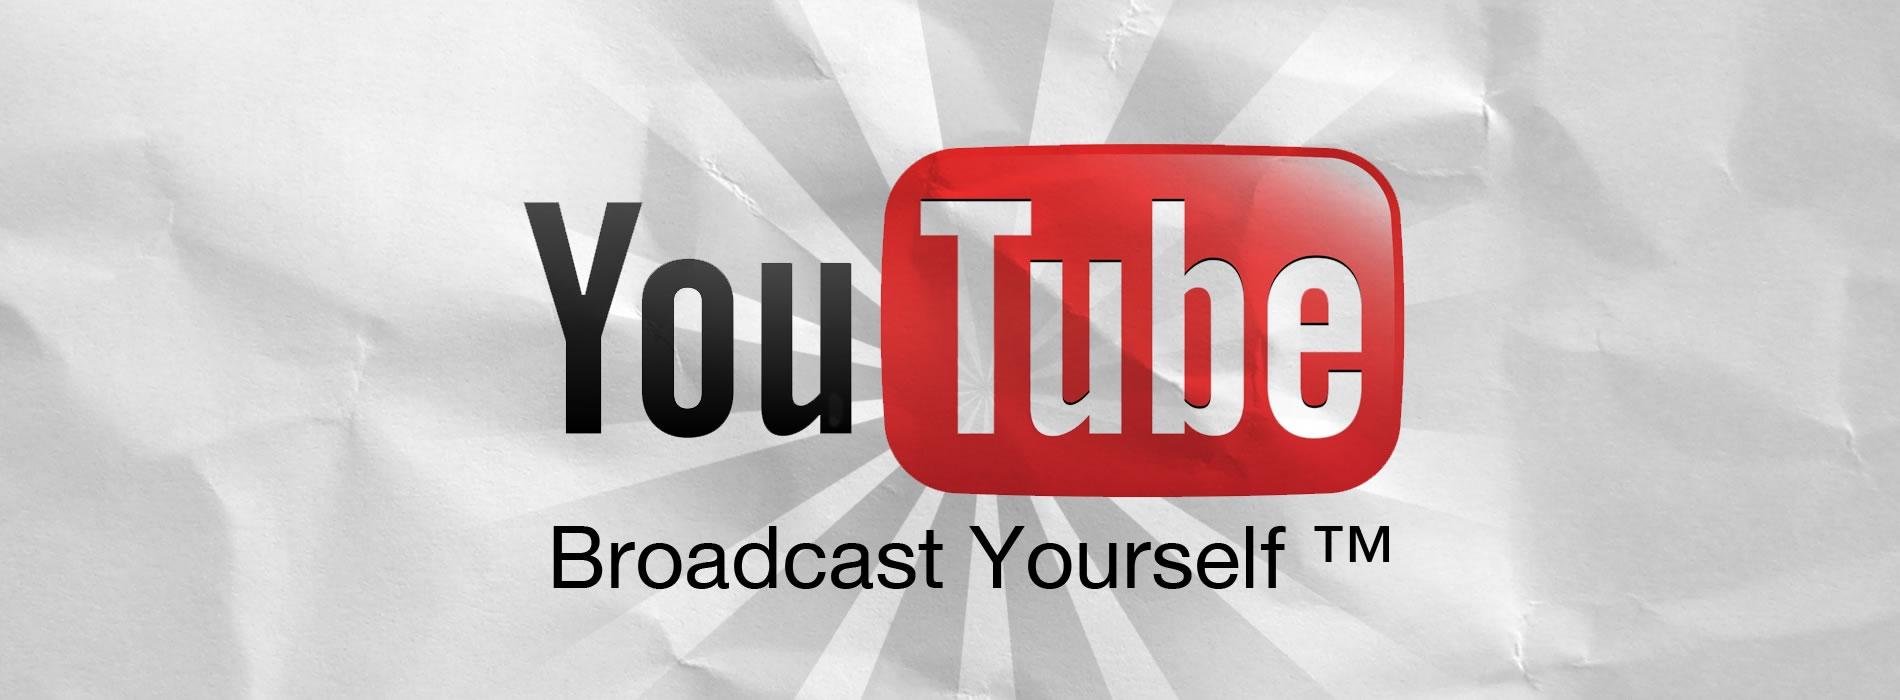 7958ce24599 Quer saber como ganhar dinheiro no YouTube  Então confira neste artigo